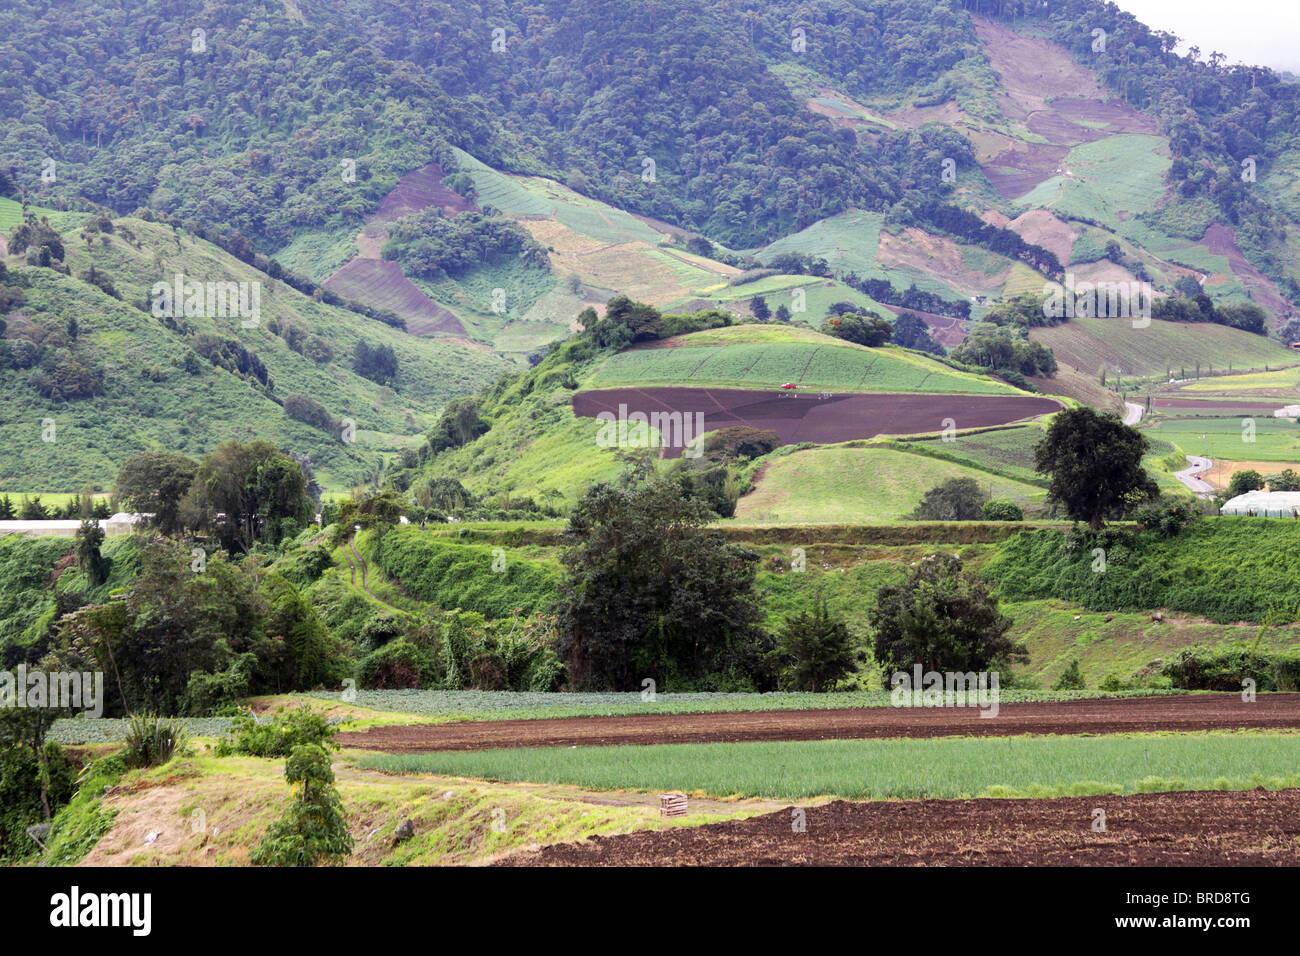 Paesaggio di fattoria in Cerro Punta, Chiriqui, Panama Immagini Stock